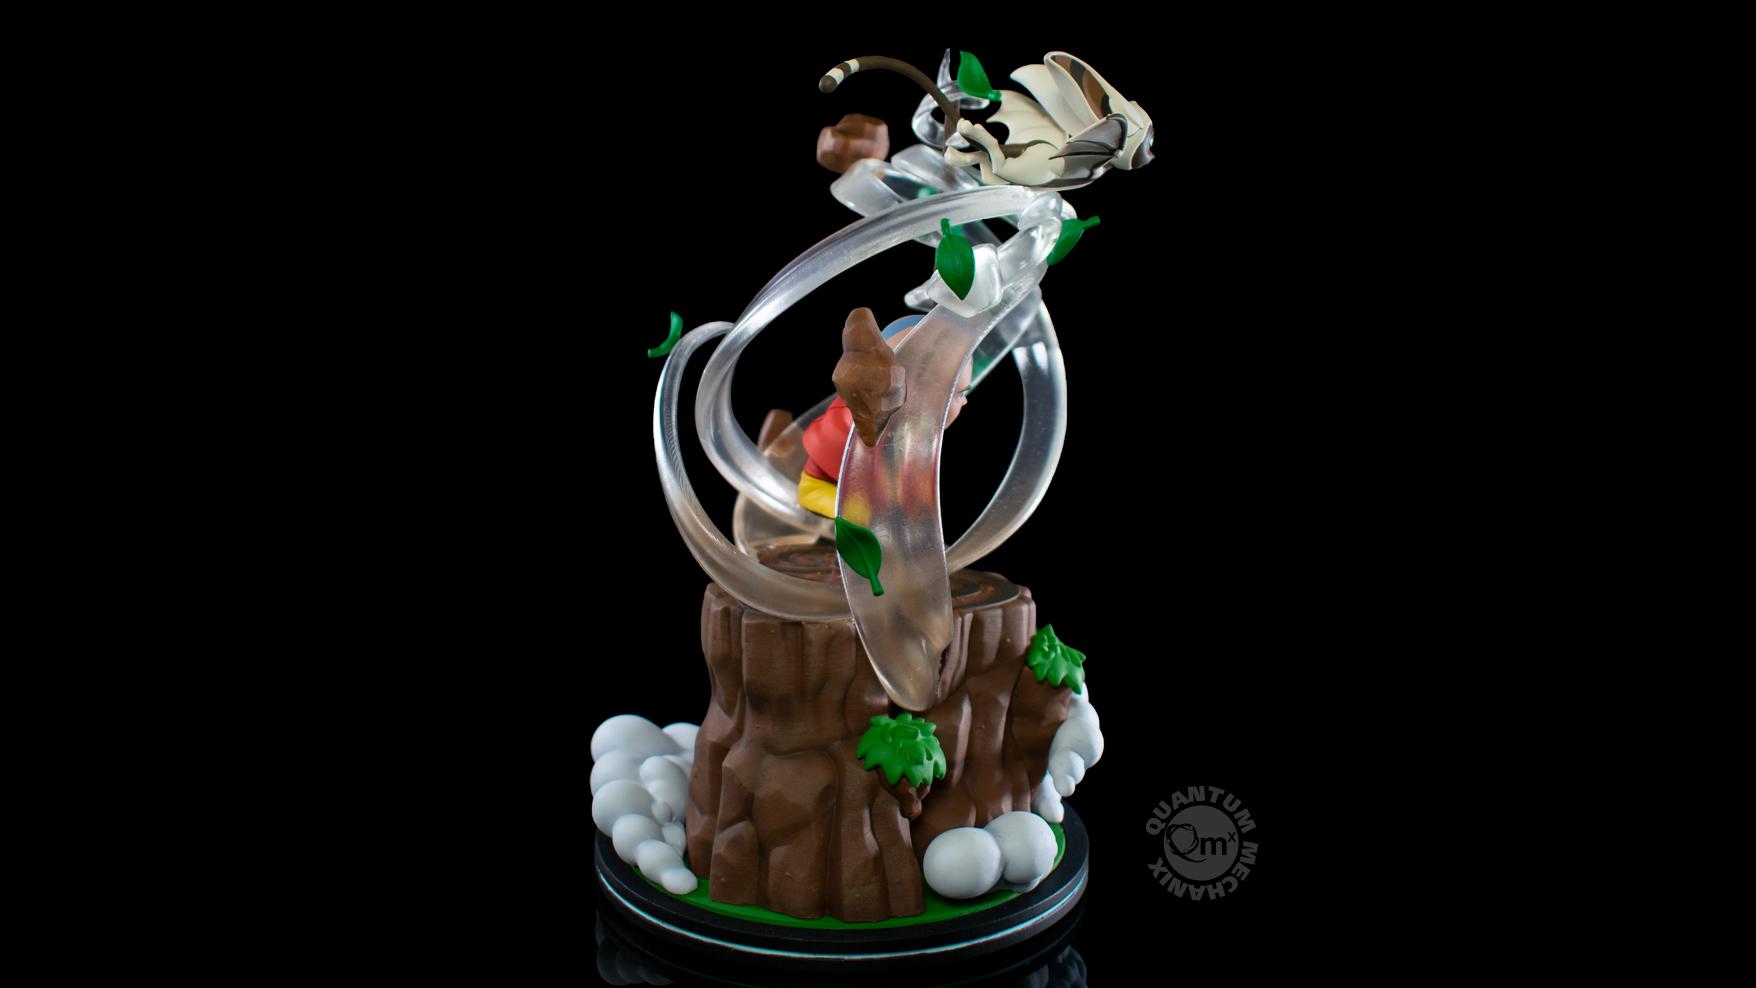 Avatar The Last Airbender - Aang Max Elite Diorama Figure